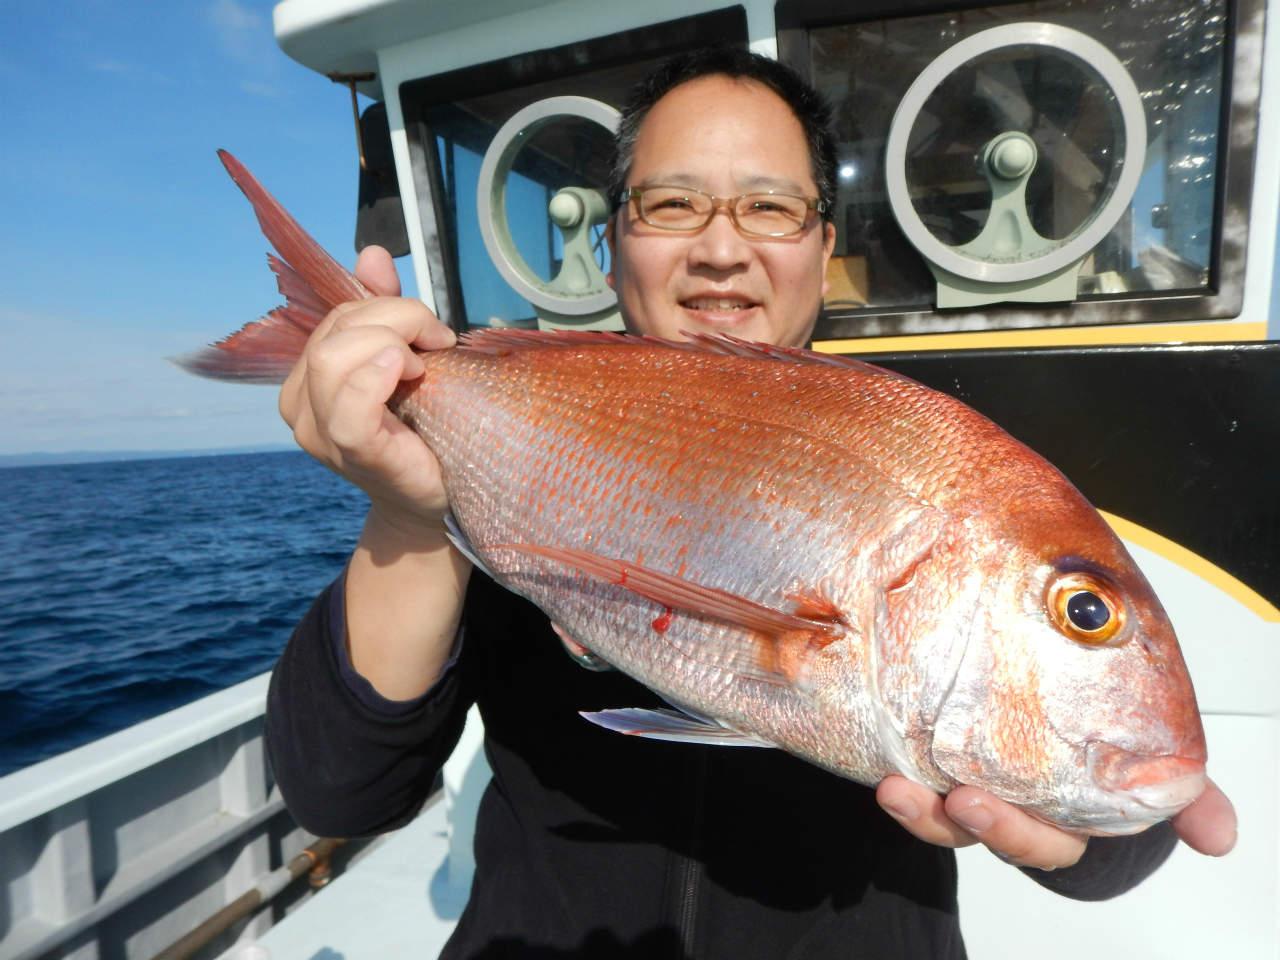 20210213 高級号縁起物 真鯛とトラフグ  セット釣り ルアージギング船魚拓号